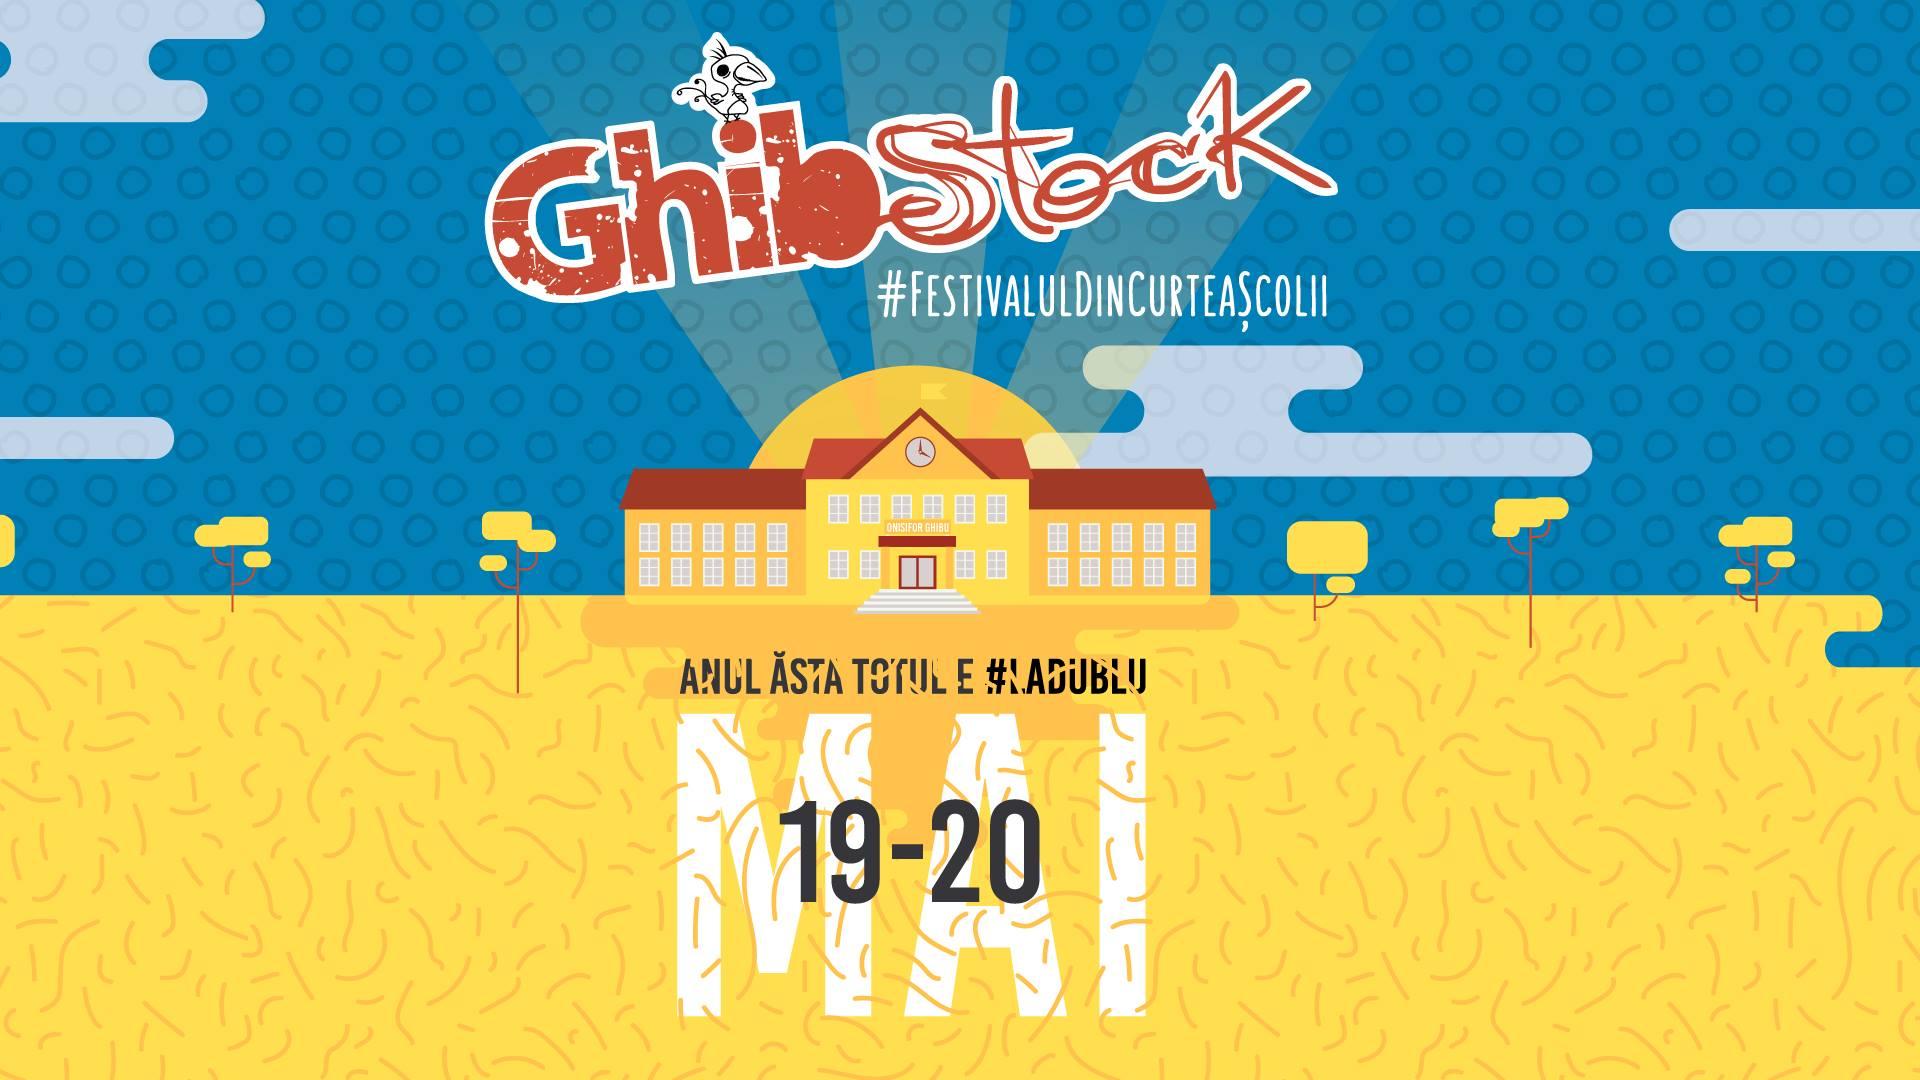 Ghibstock 8